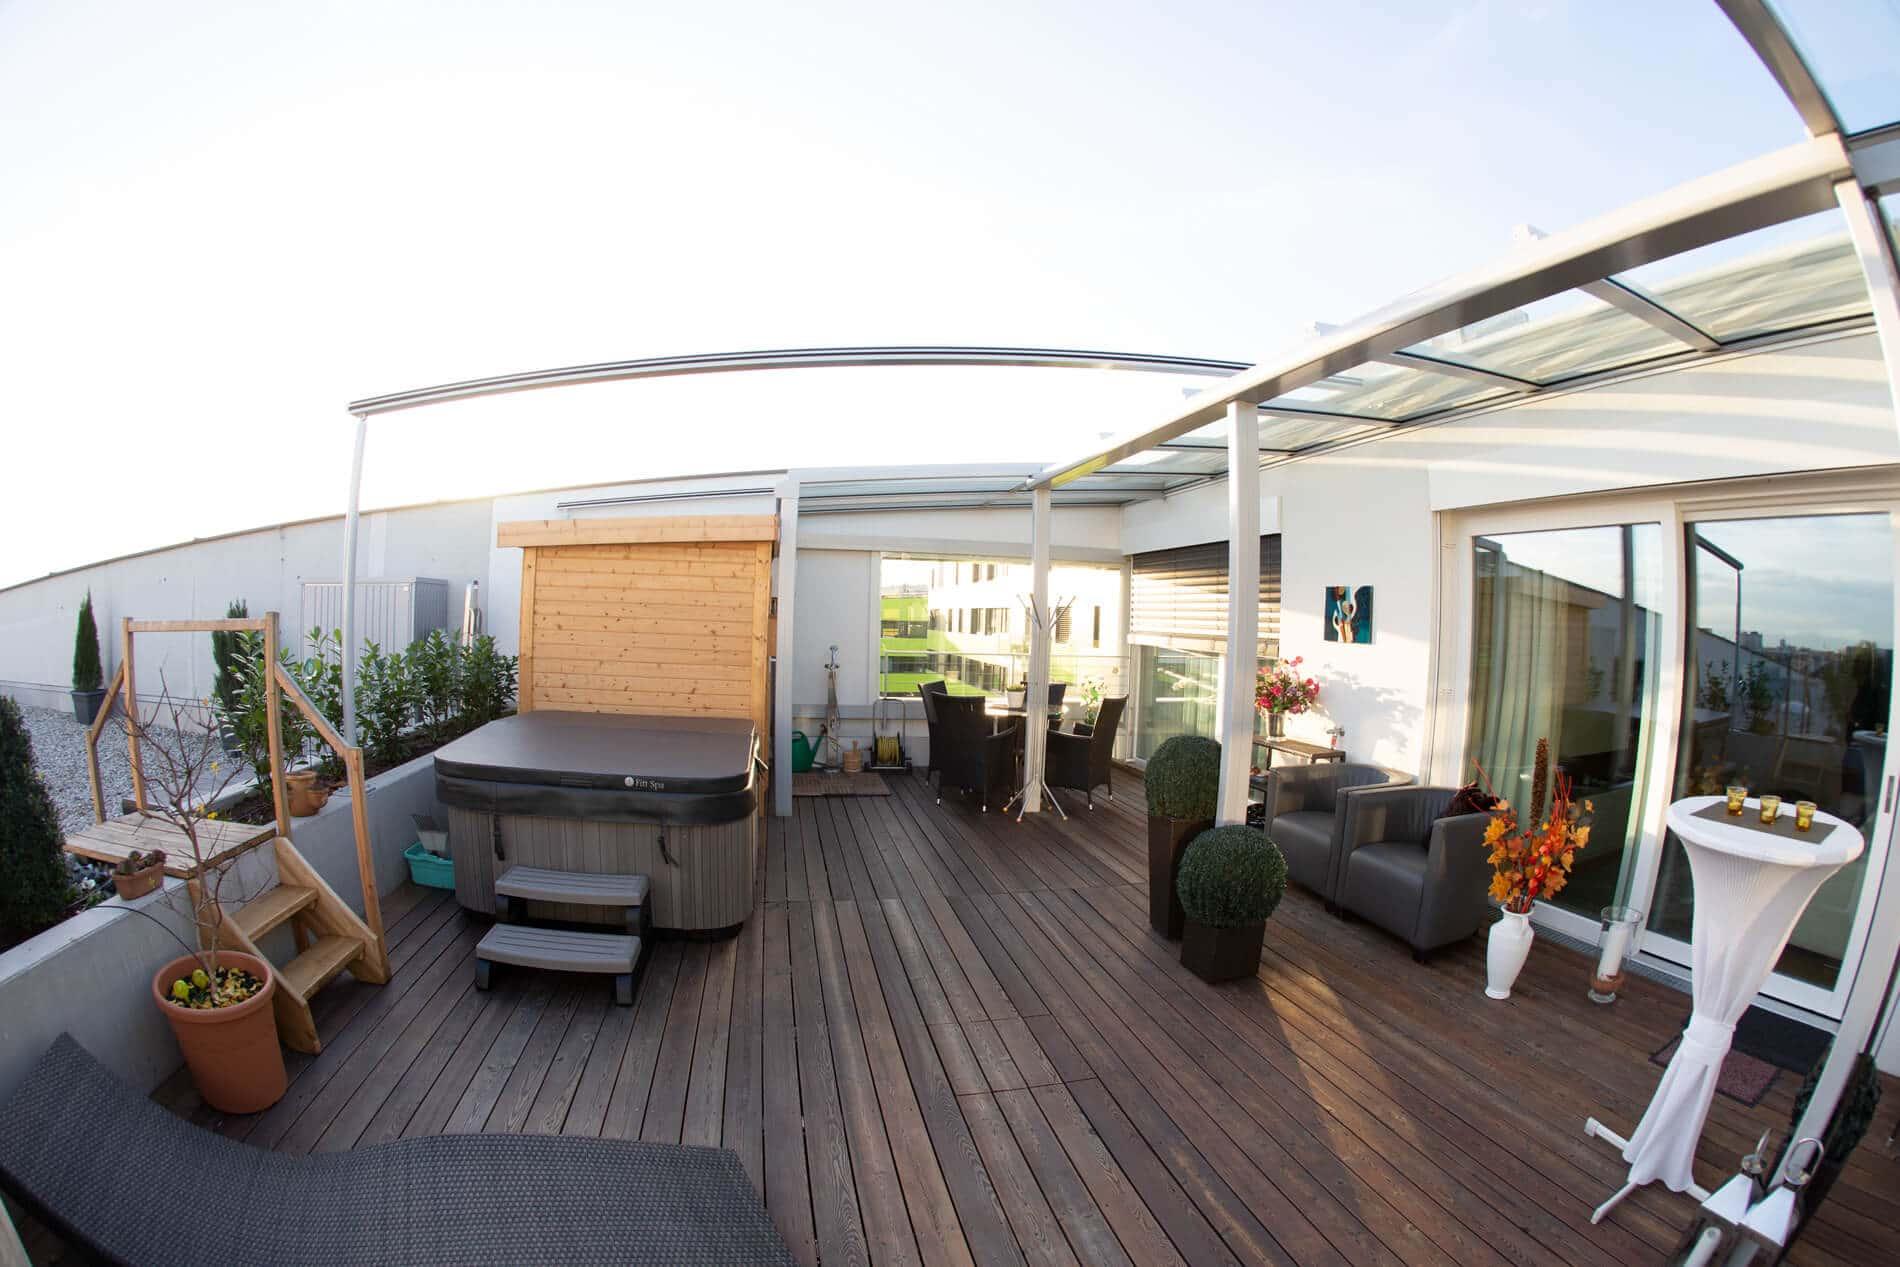 Dachterrasse mit Terrassendach